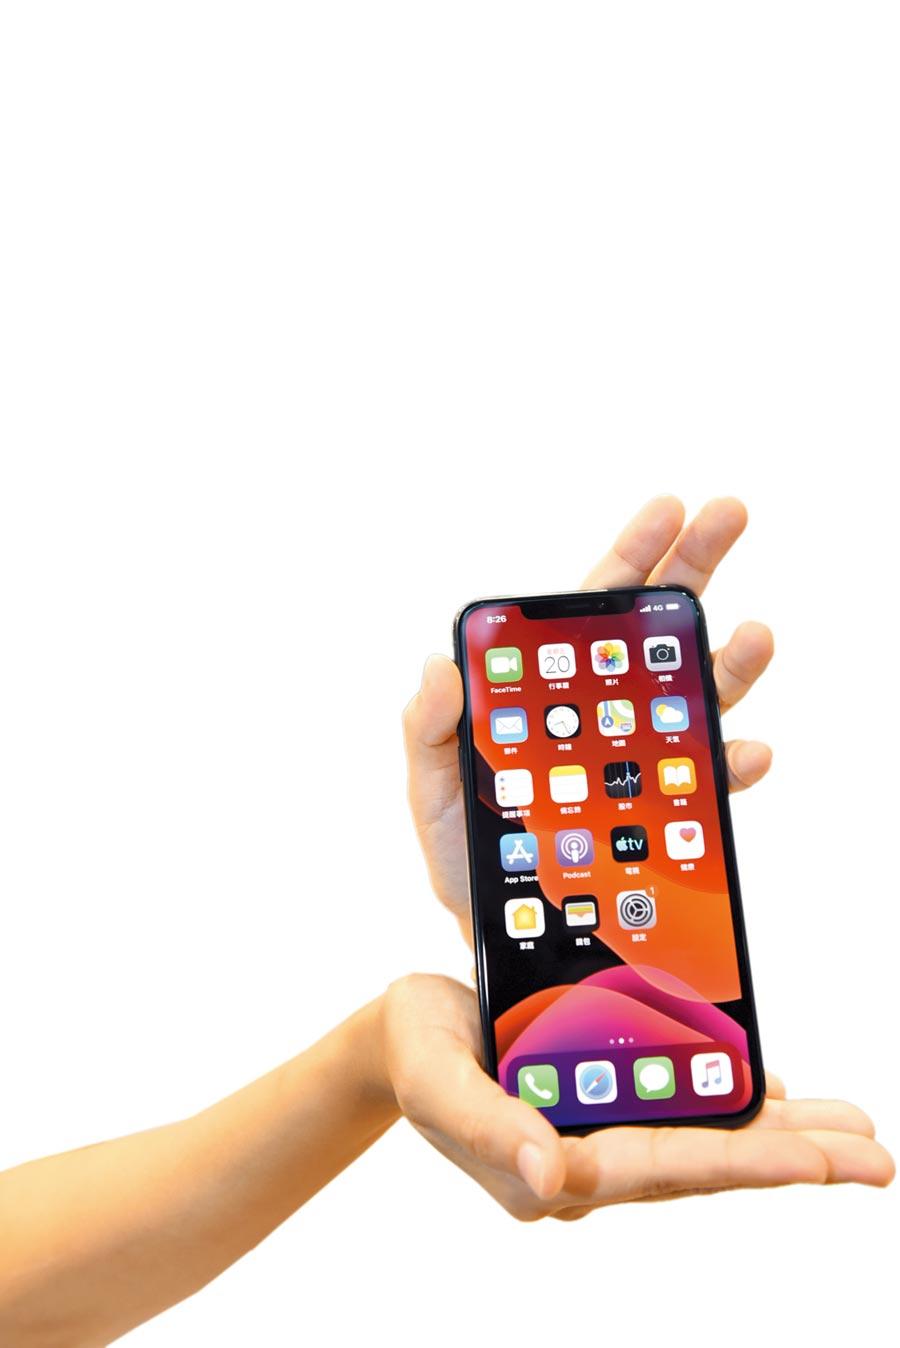 蘋果iPhone11系列熱銷。